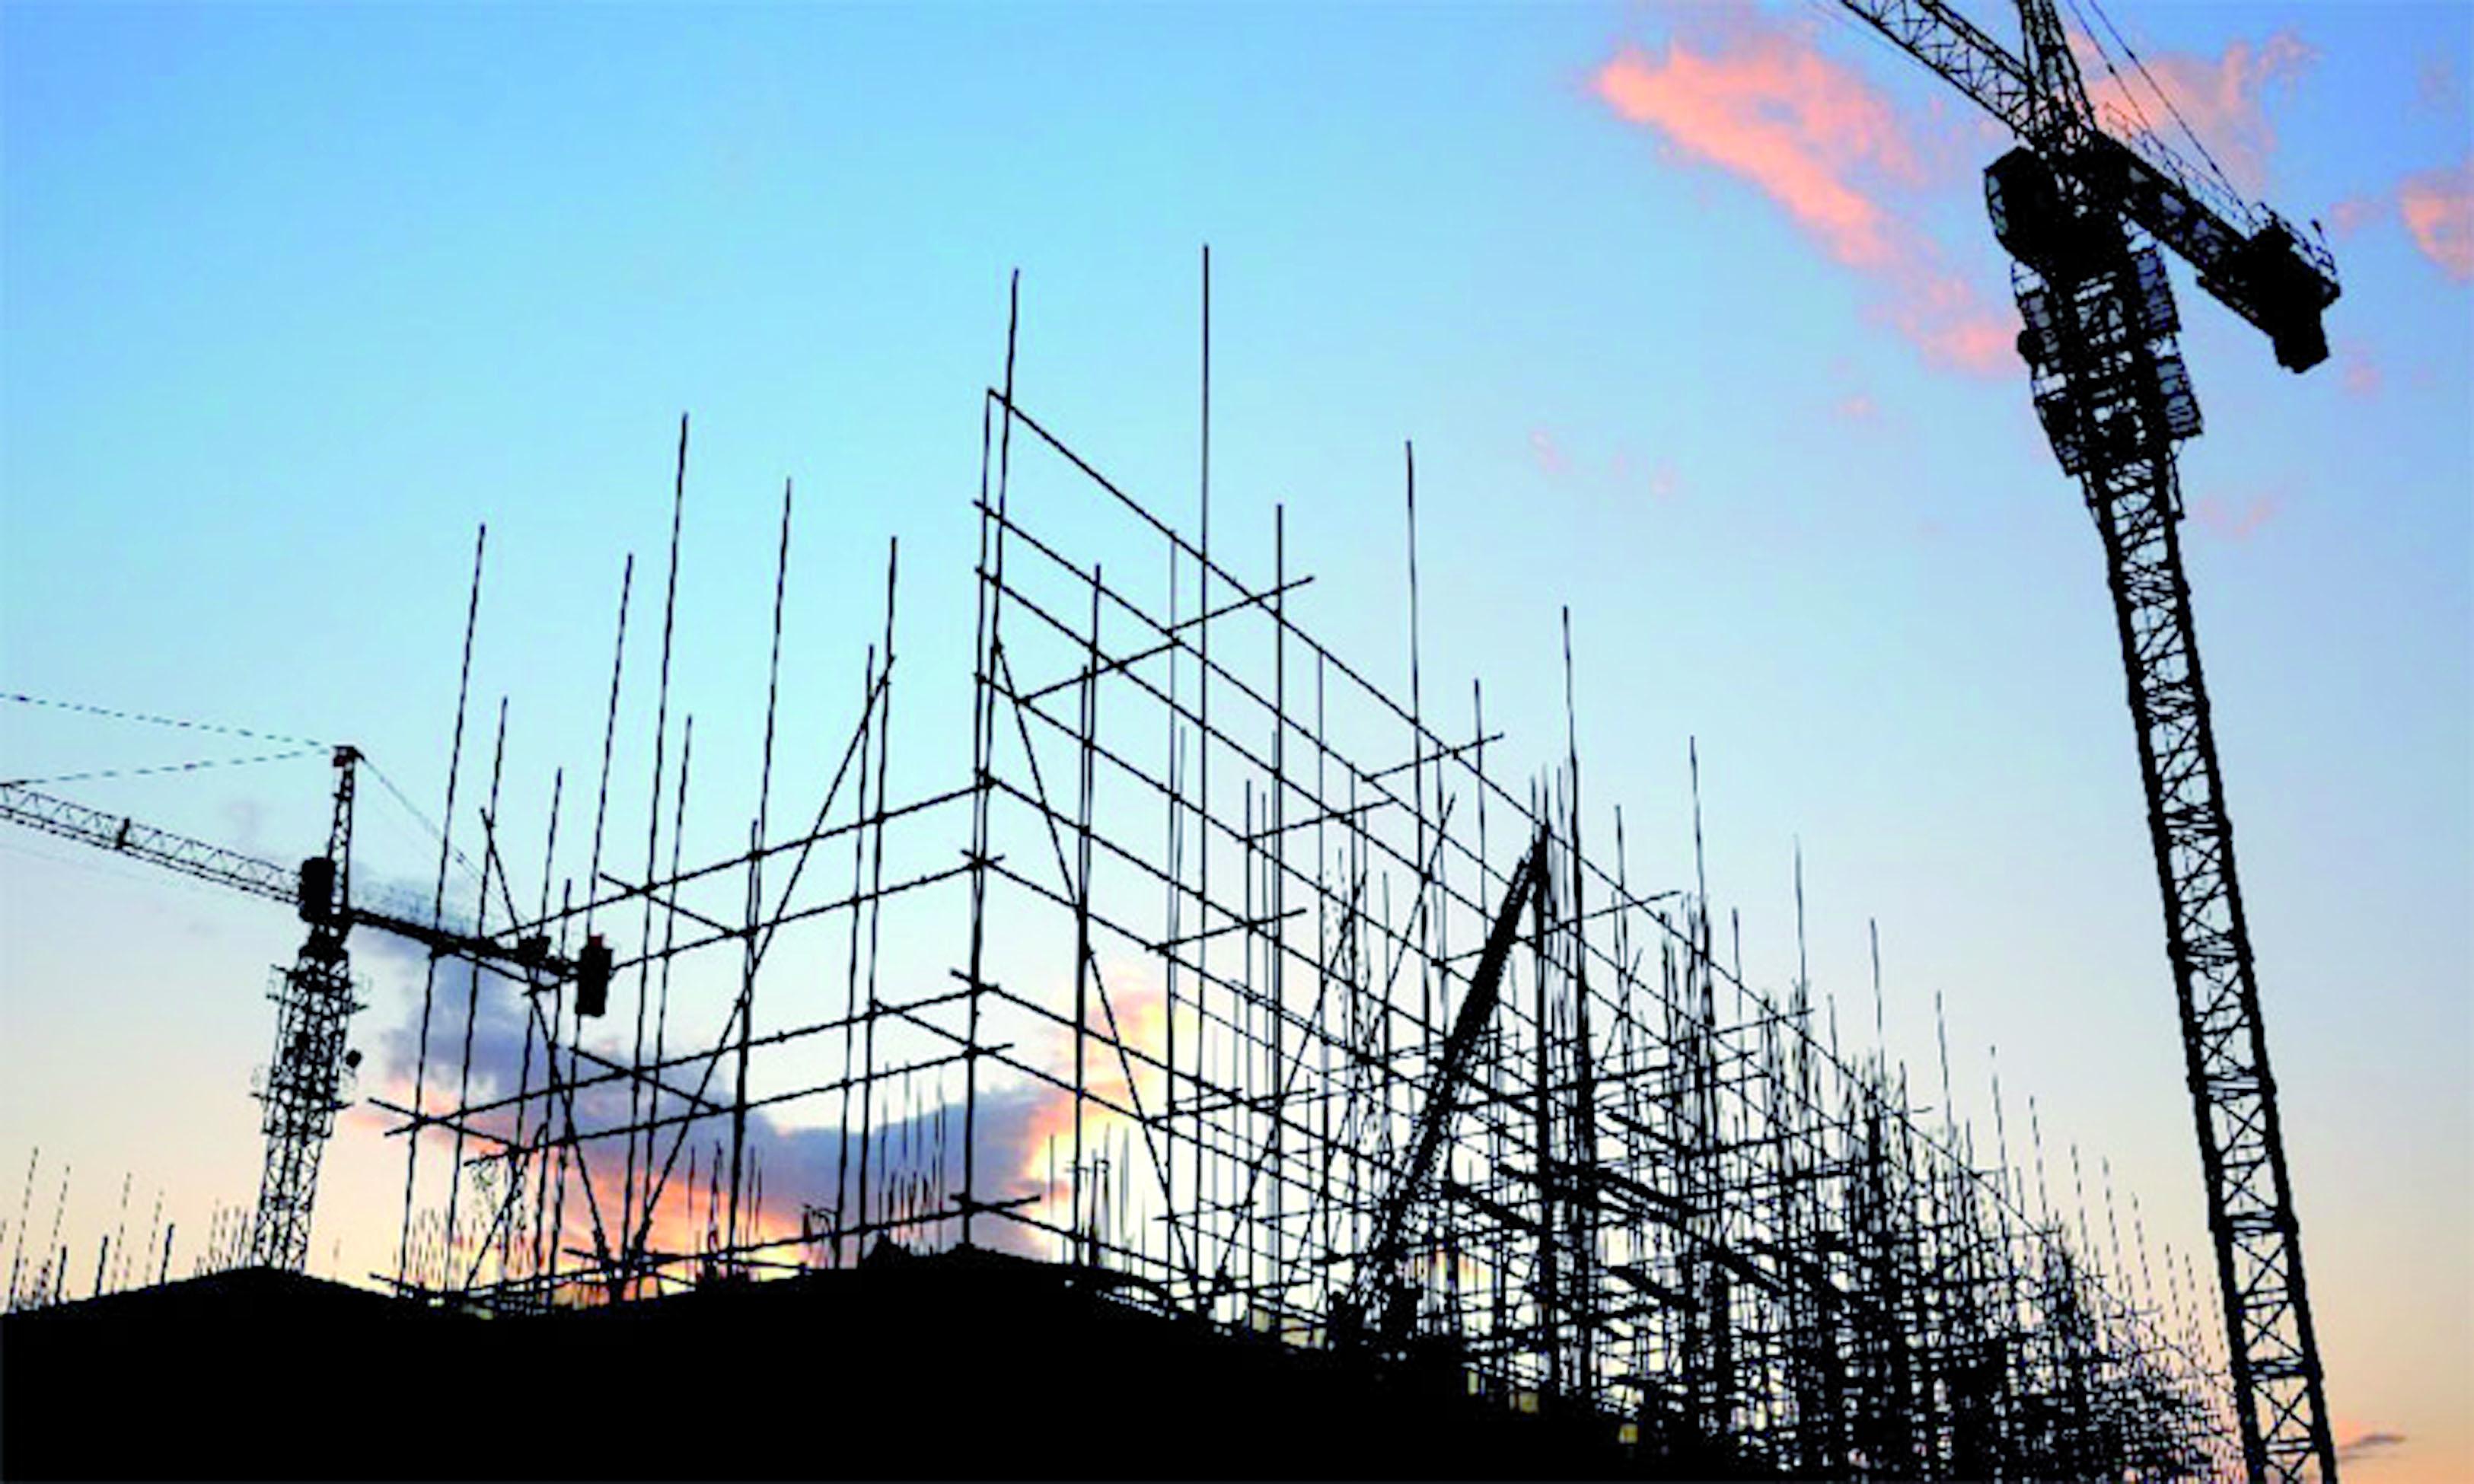 Immobilier en crise et gouvernement en mal d'idées